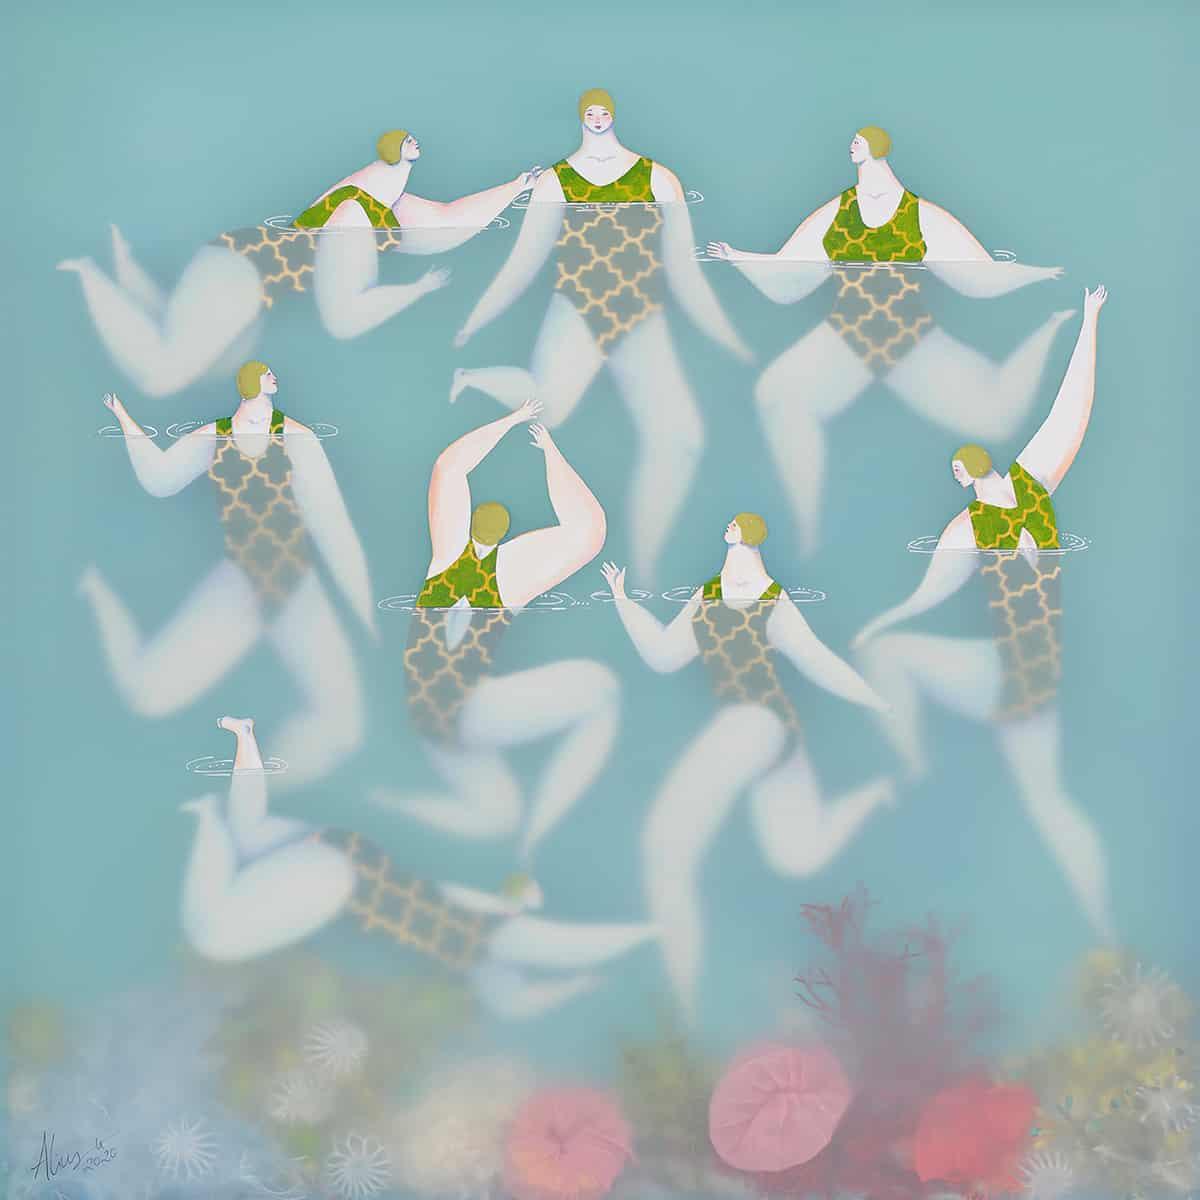 sonia alins mar en calma obra mujeres en agua sincro